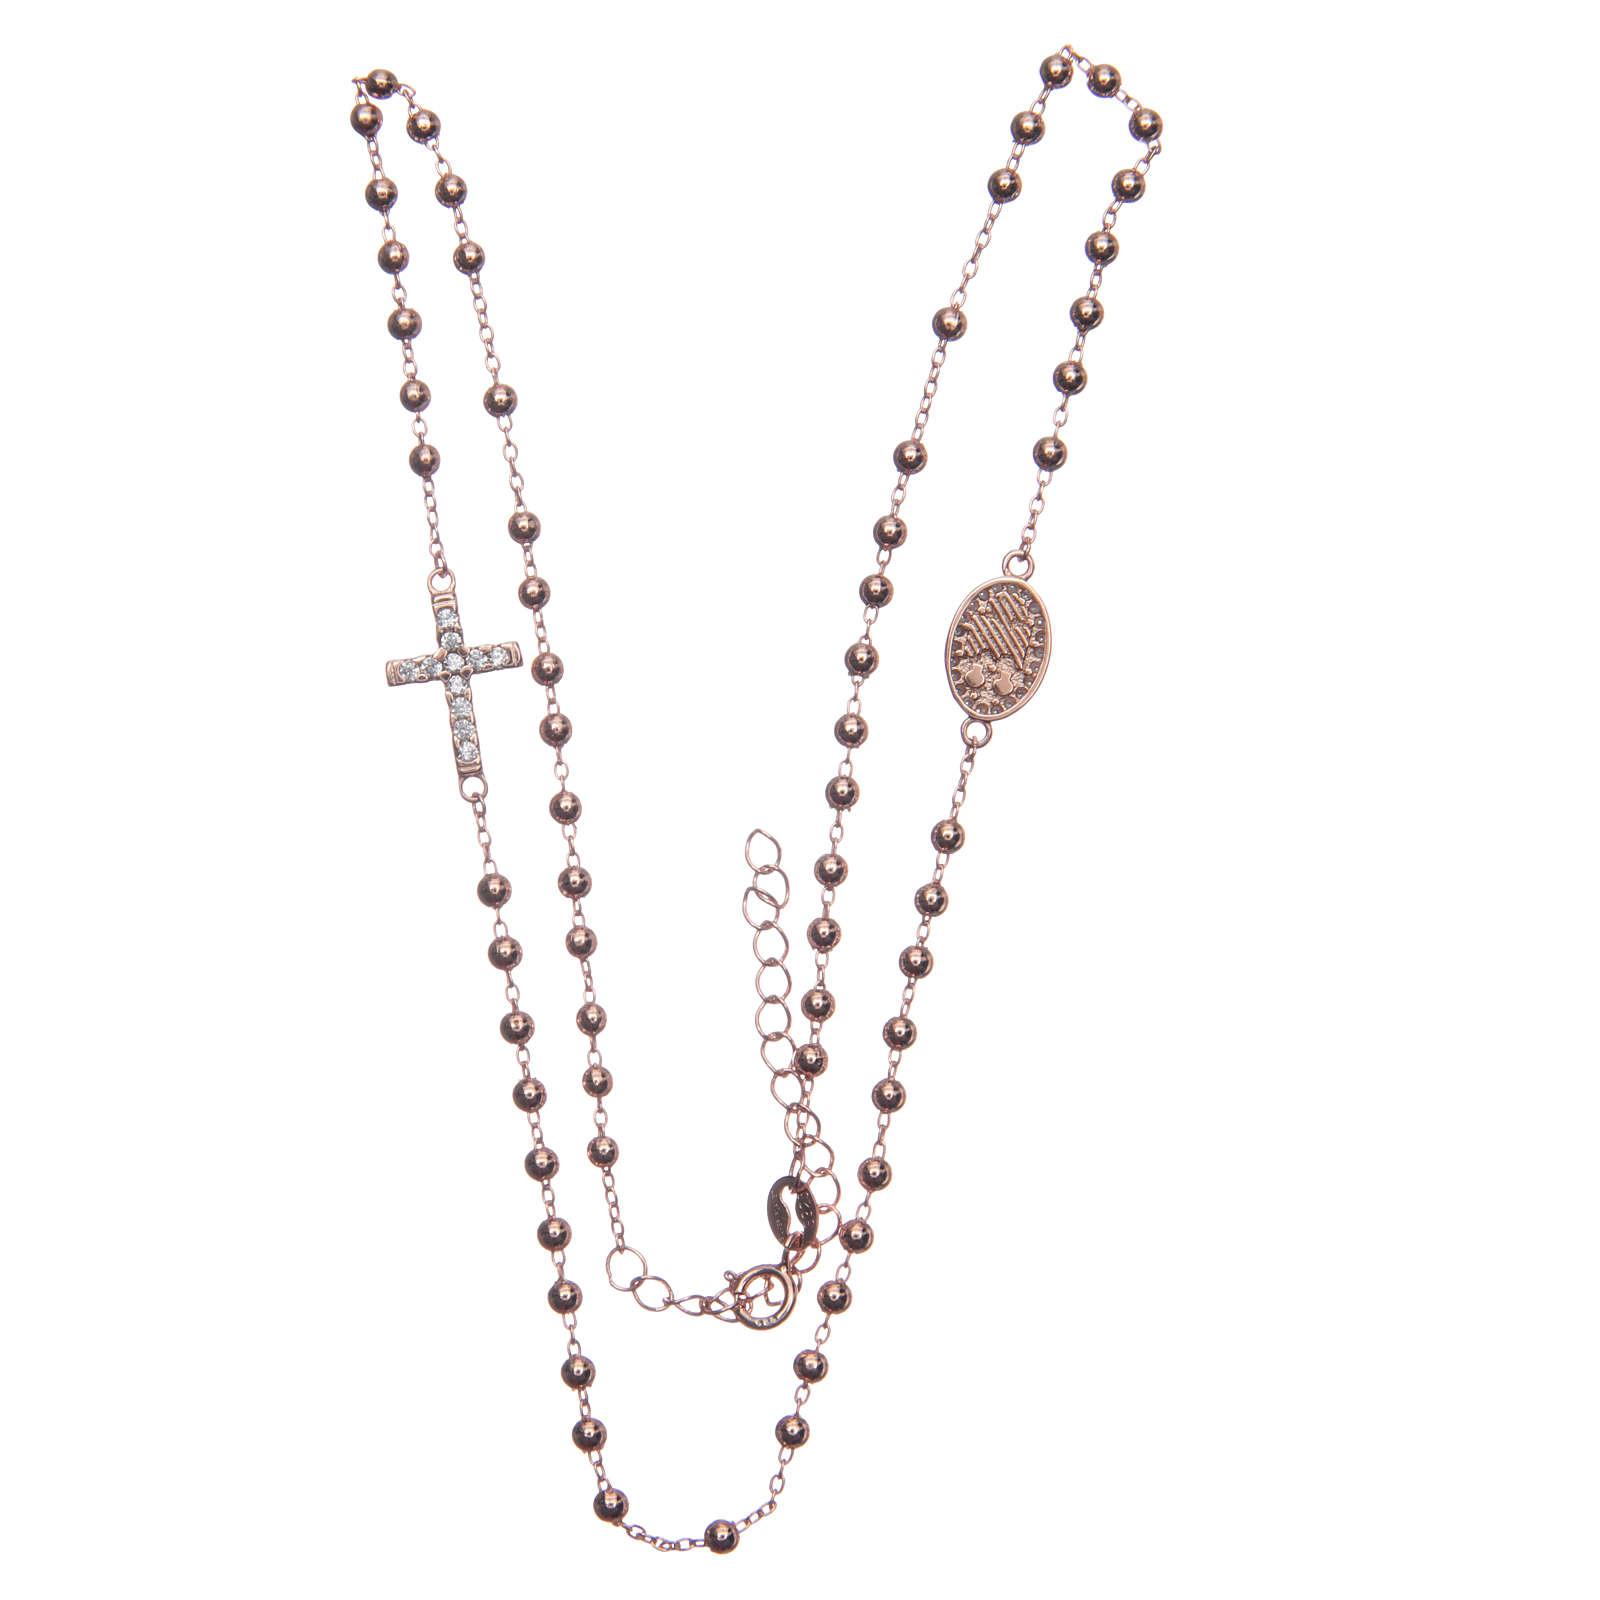 Chapelet tour de cou Ste Rita rosé zircons blancs argent 925 4